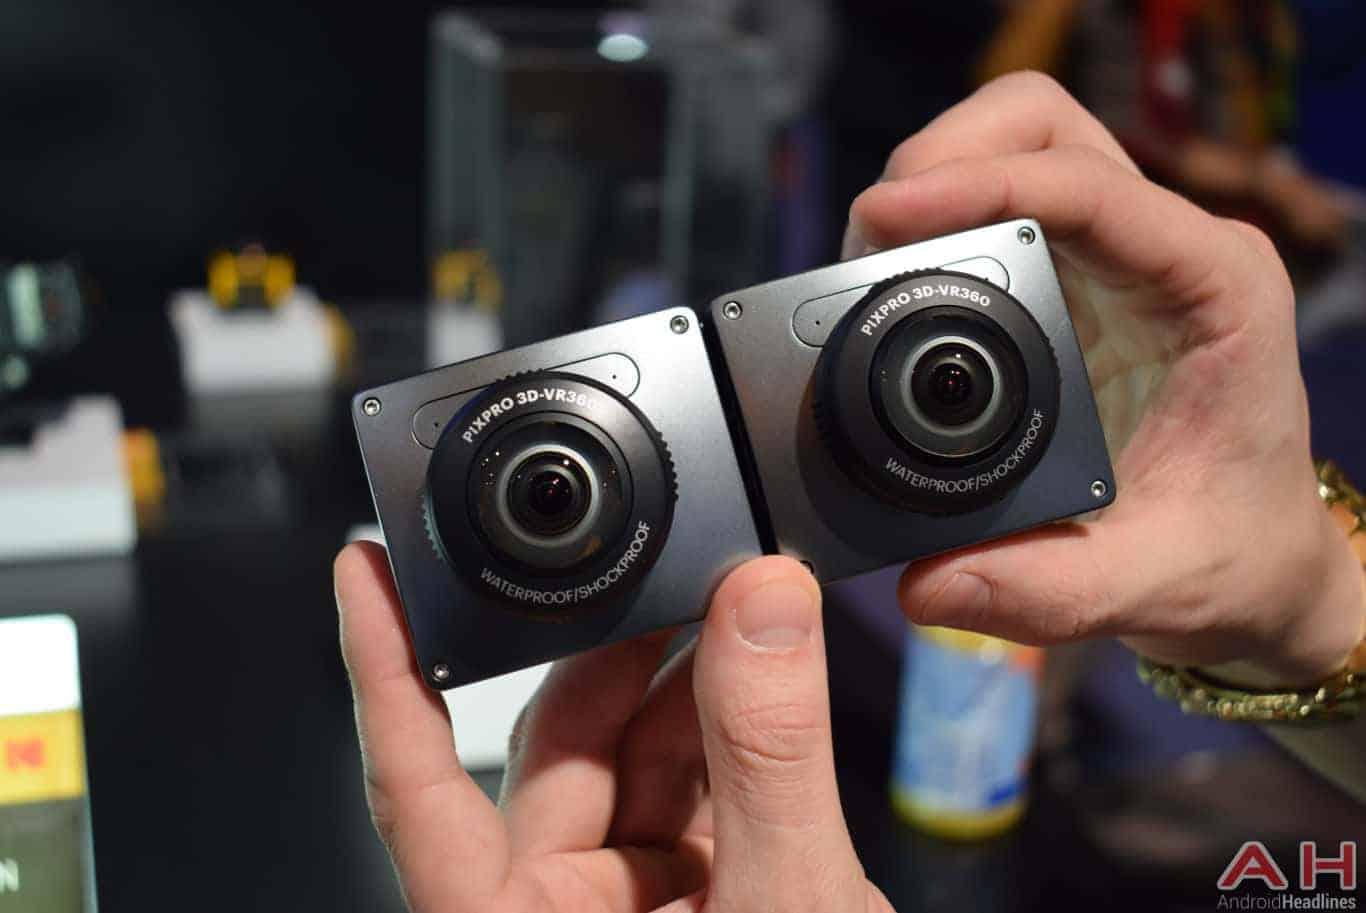 kodak PIXPRO 3D 360 VR Camera CES 2018 AH 7